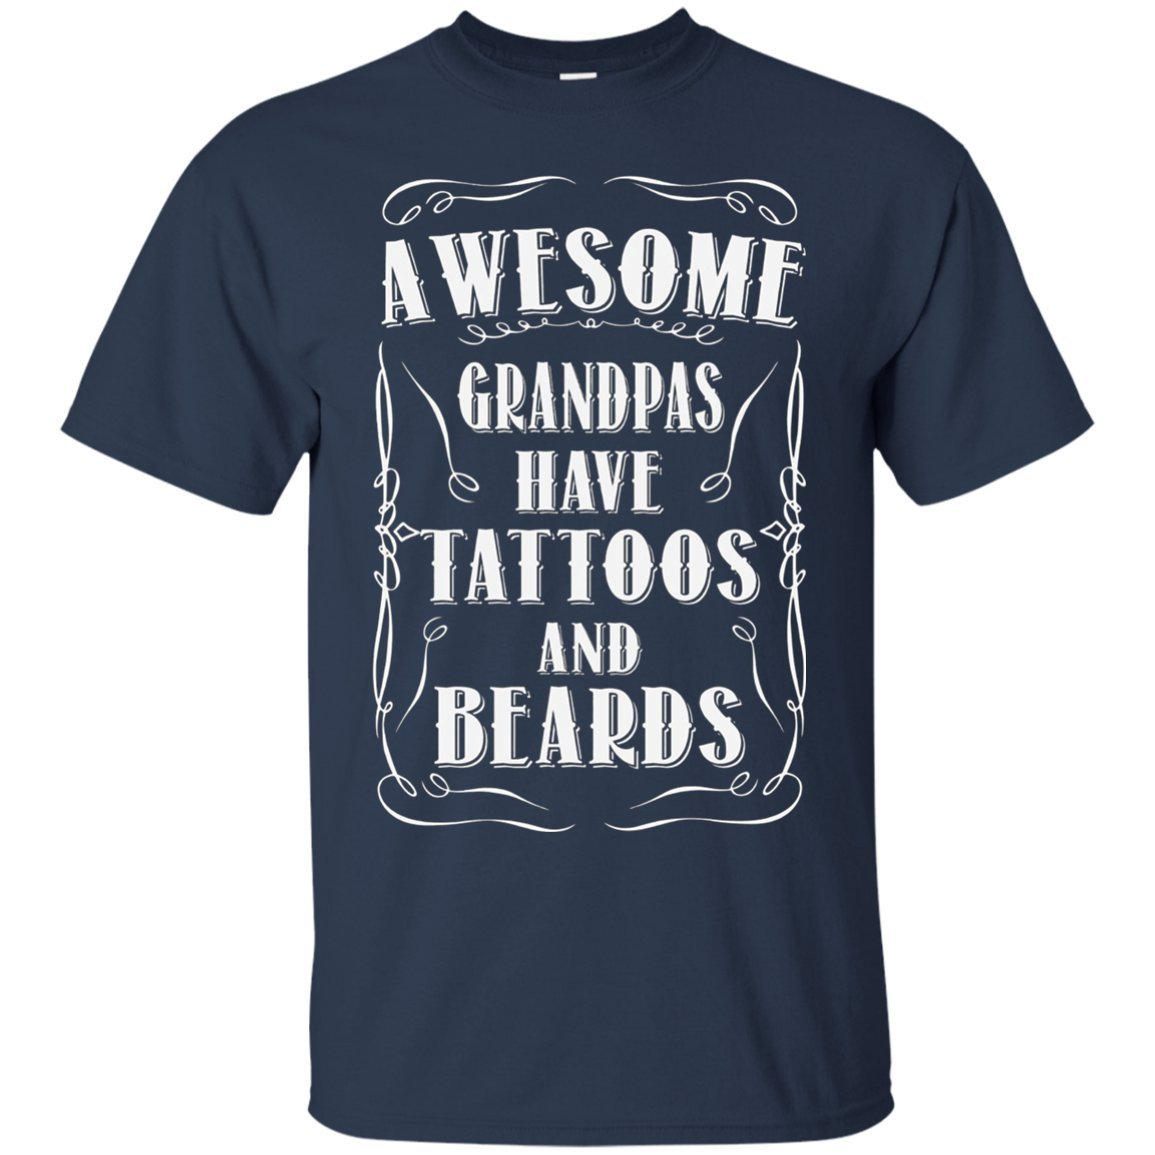 Awesome Grandpas Tattoos Beards Shirt Navym